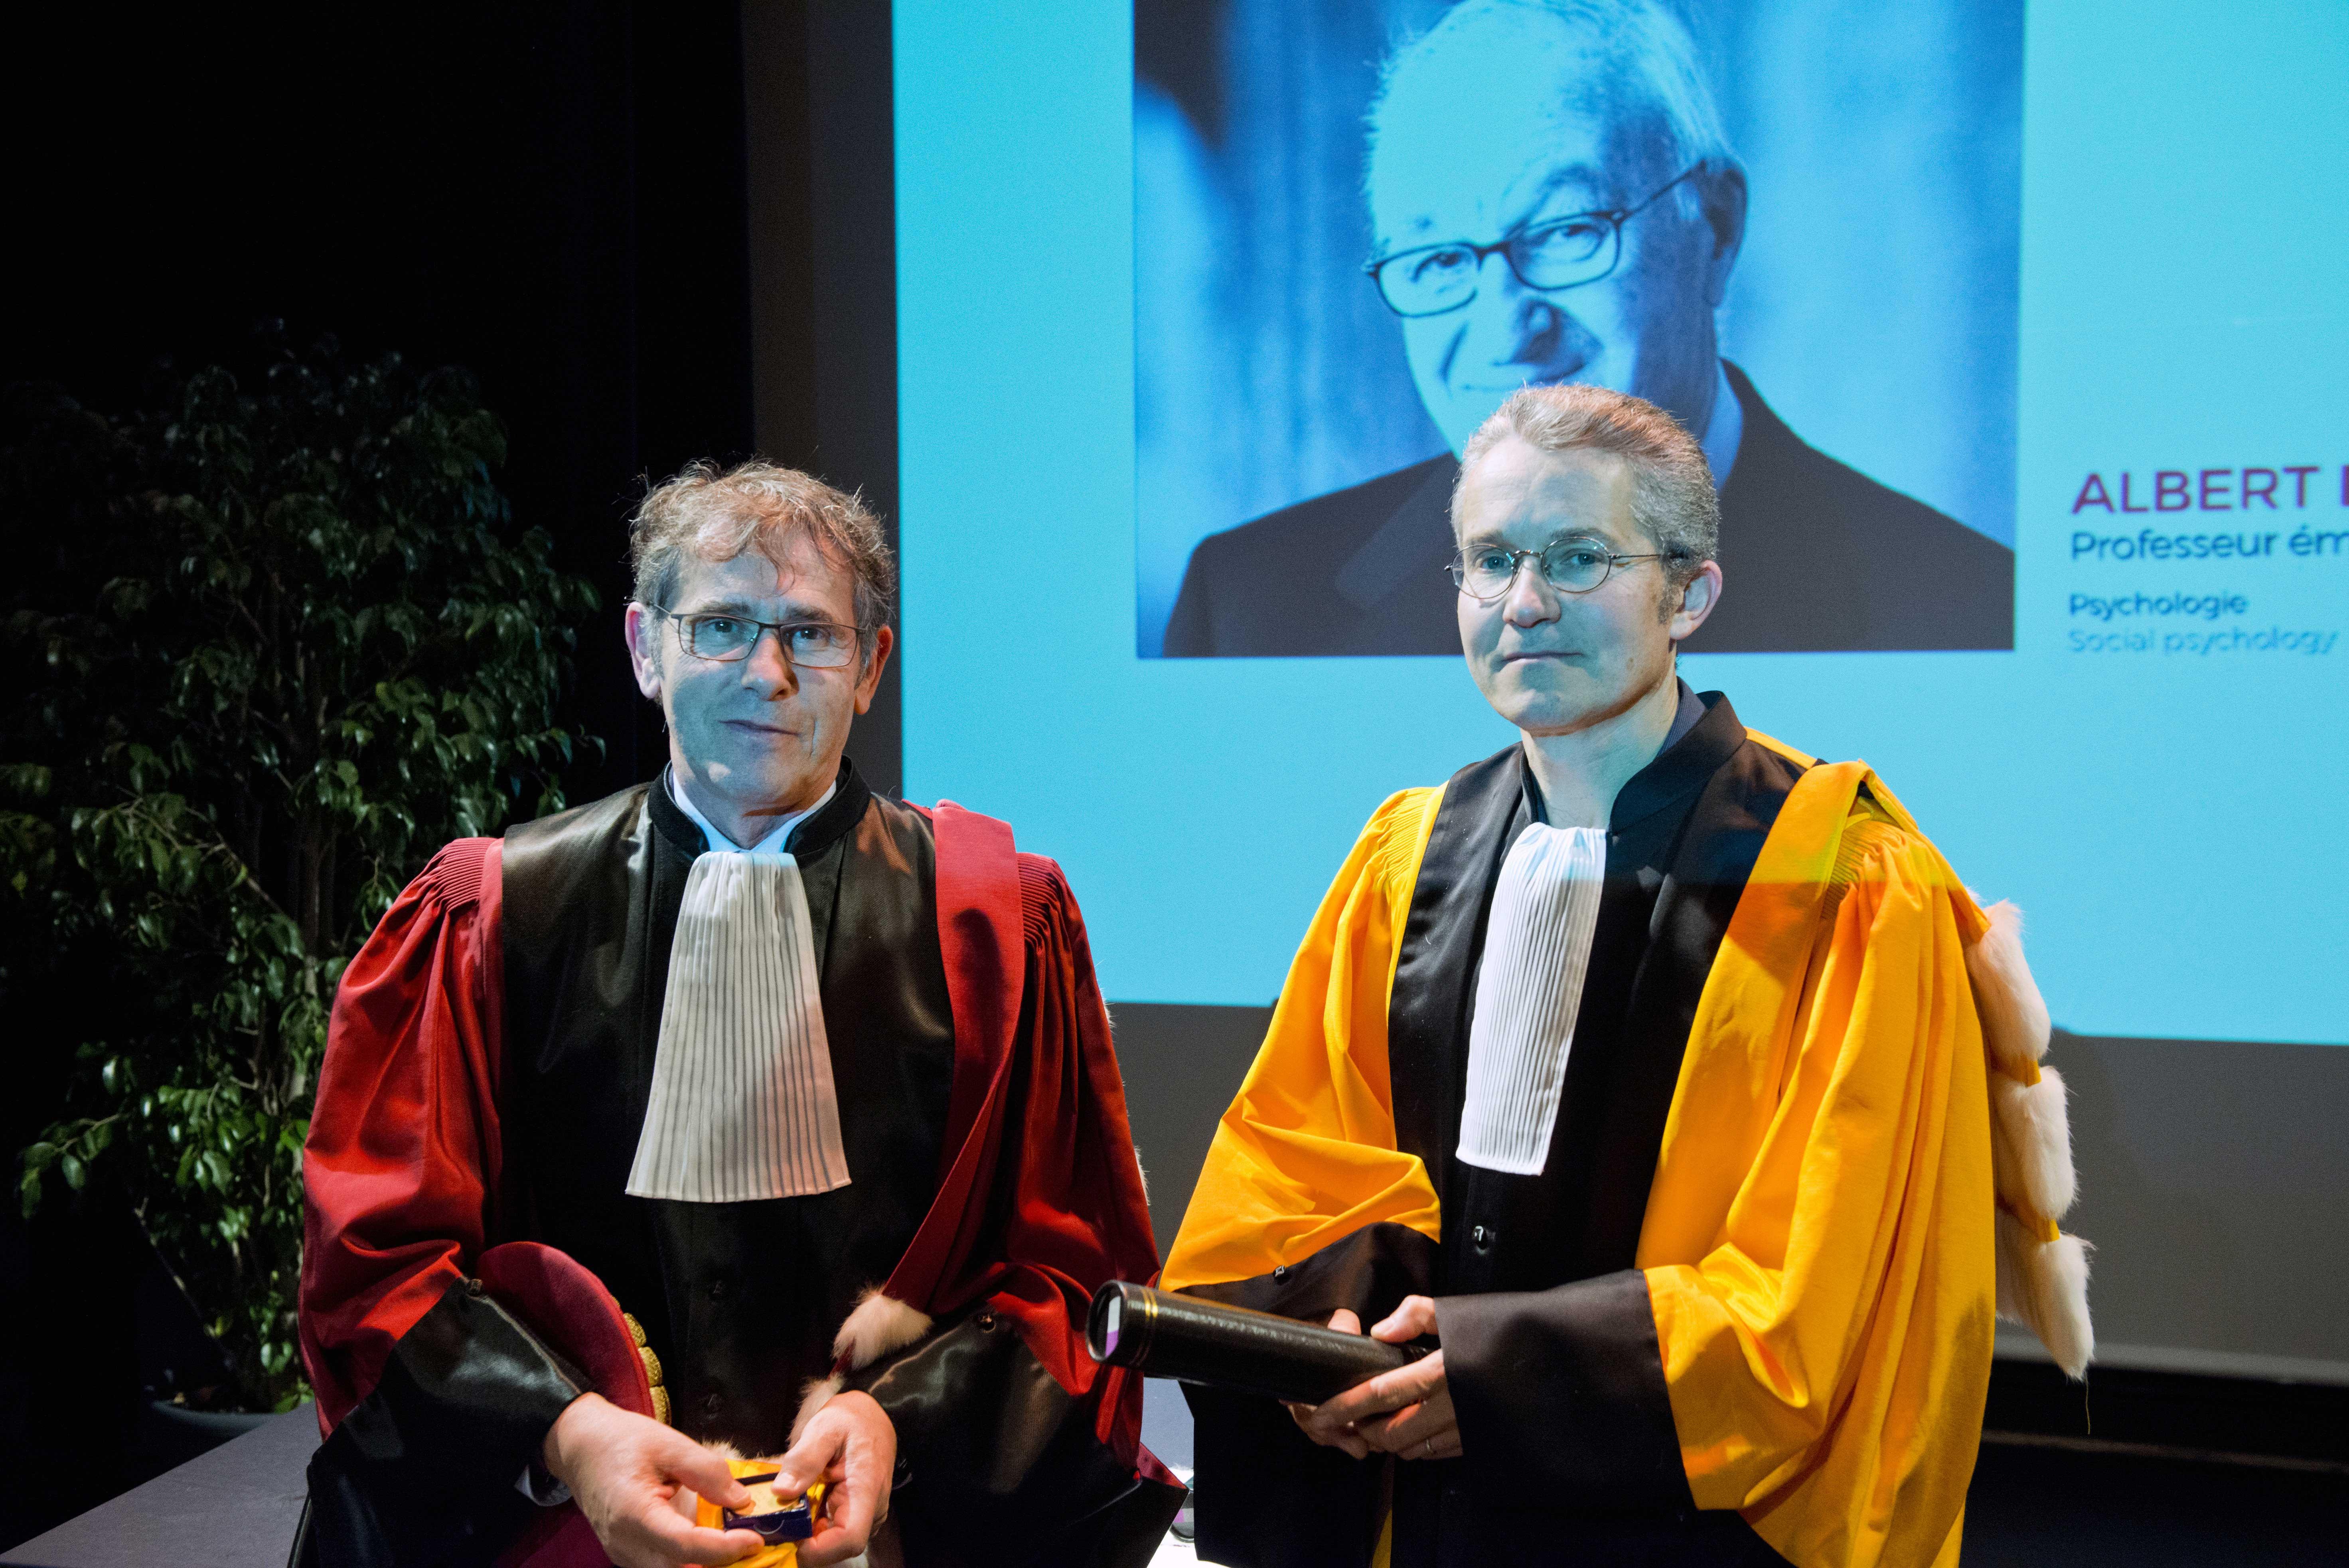 Remise symbolique des insignes de Docteur Honoris Causa à Albert Bandura (excusé pour la cérémonie)